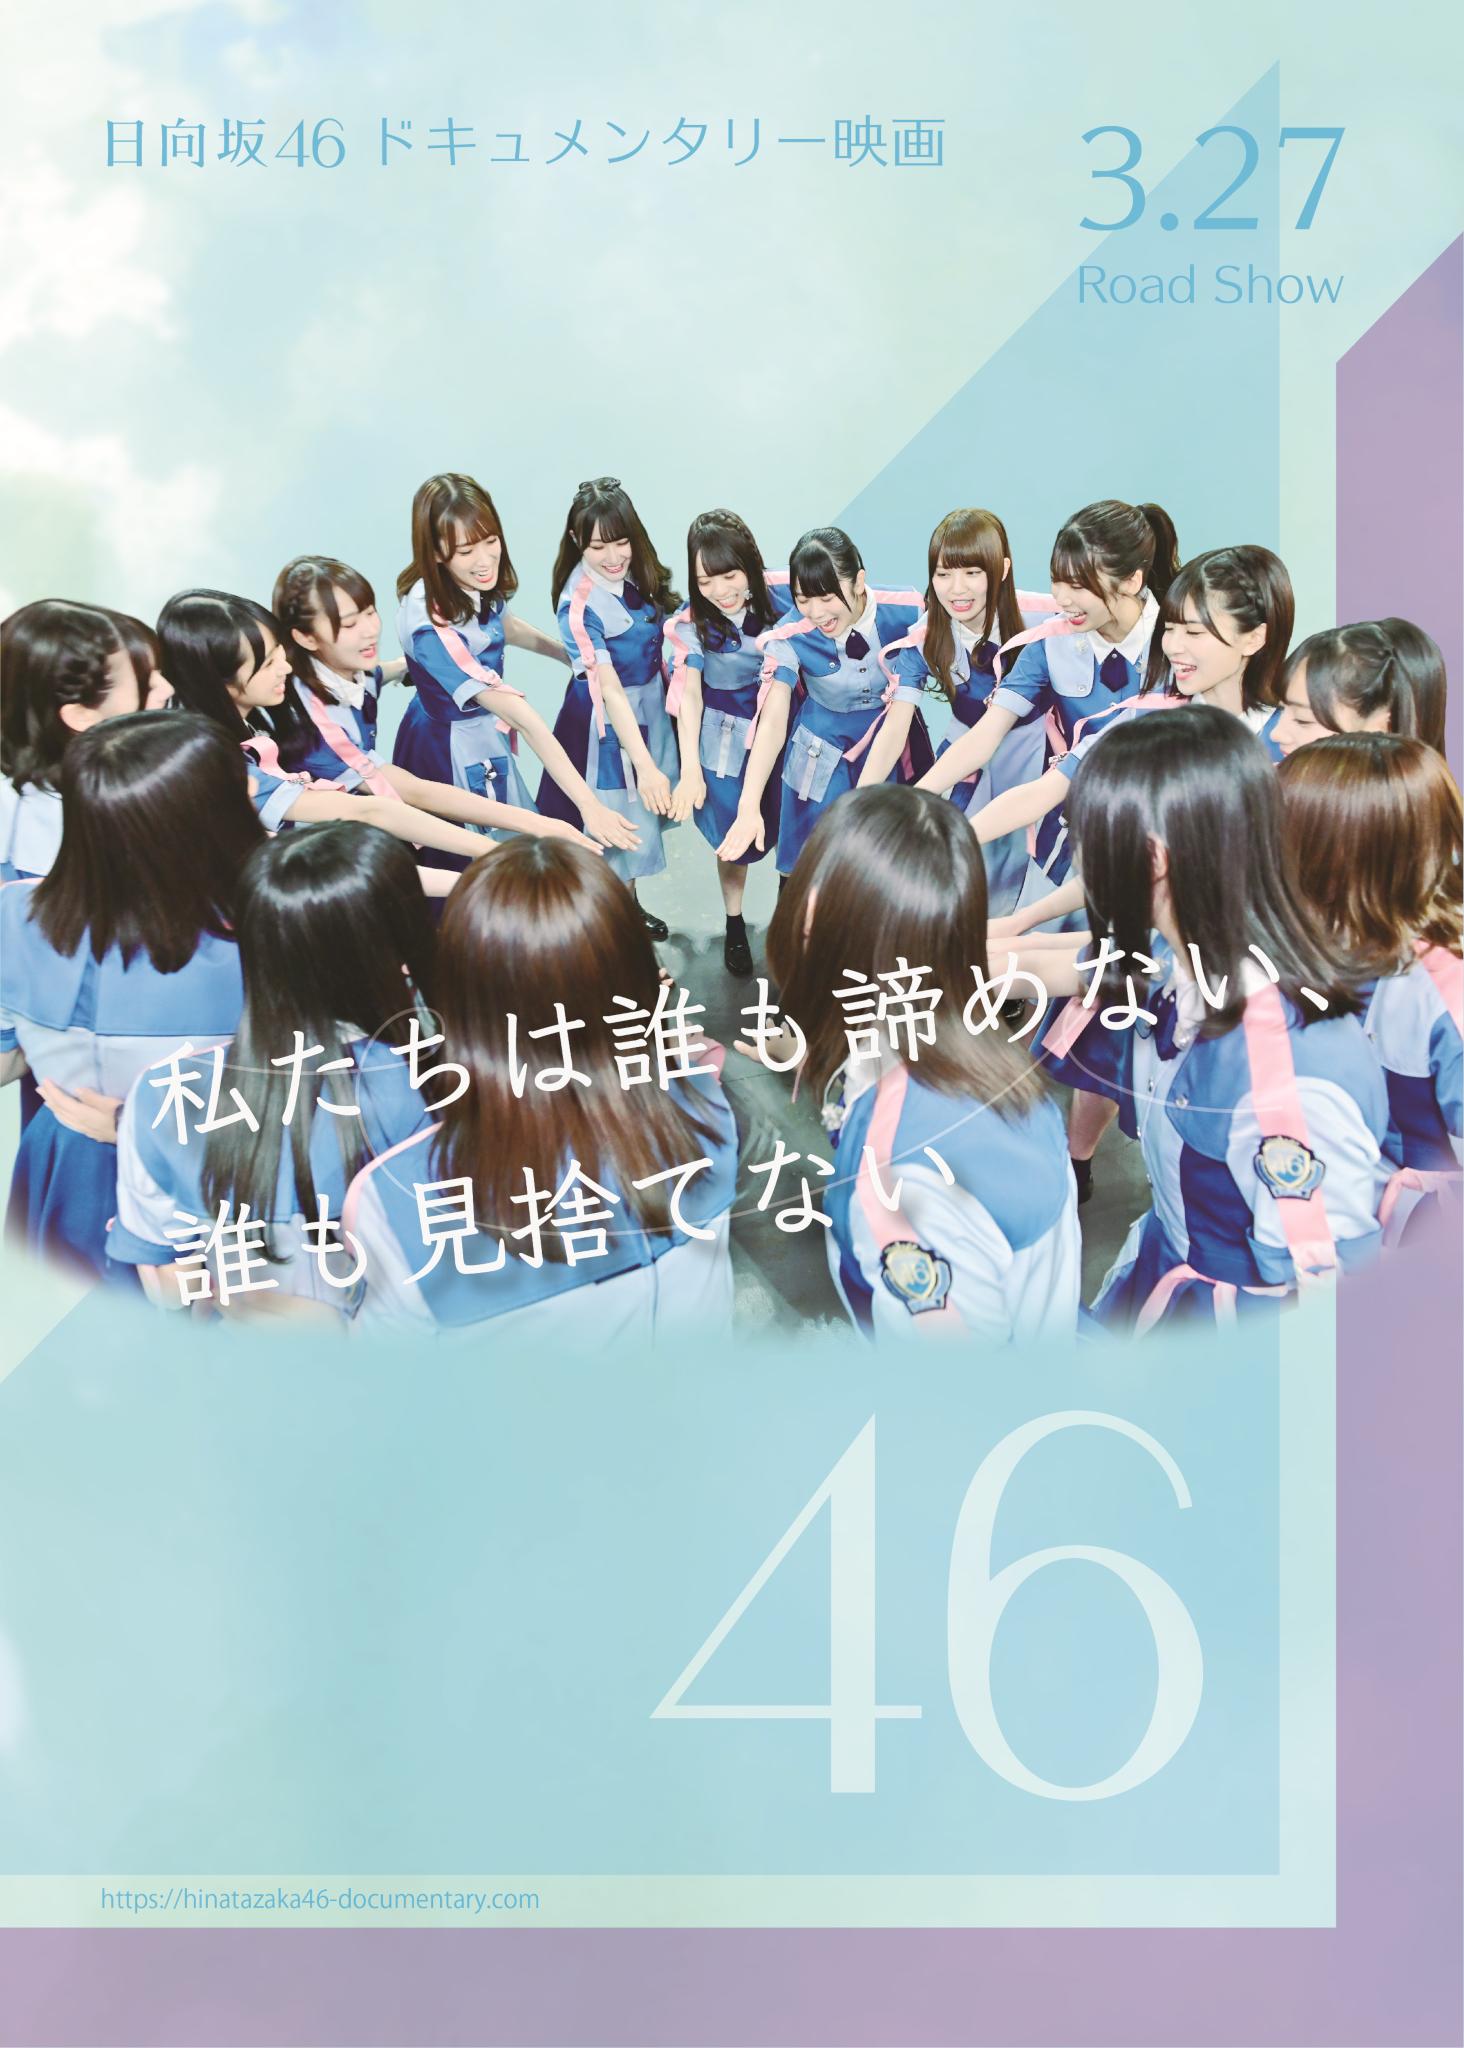 日向坂46 初のドキュメンタリー映画「3年目のデビュー」が全国公開!デビューの裏側に隠れた奮闘の日々を描く!